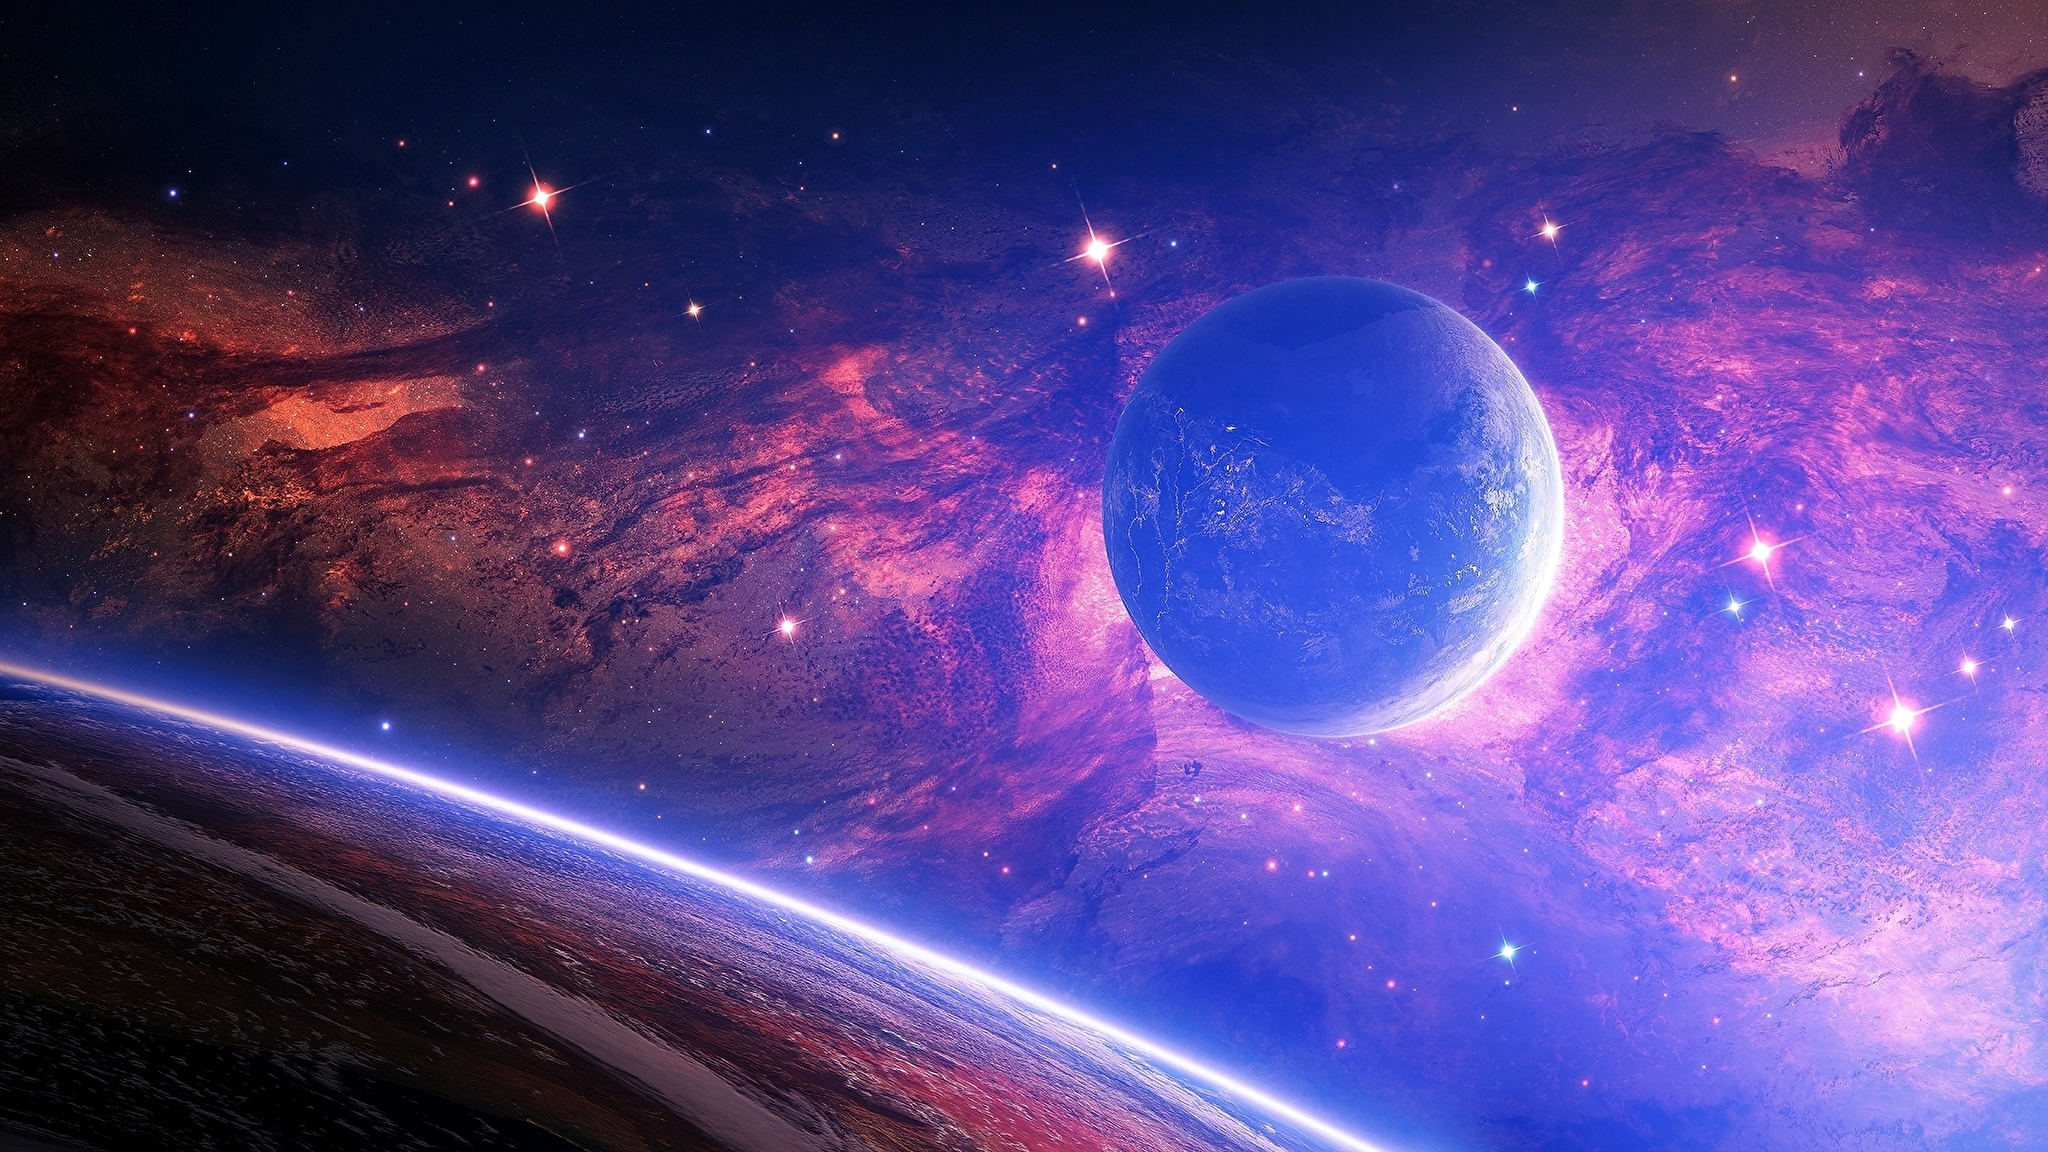 Обои планета туманность картинки на рабочий стол на тему Космос - скачать бесплатно